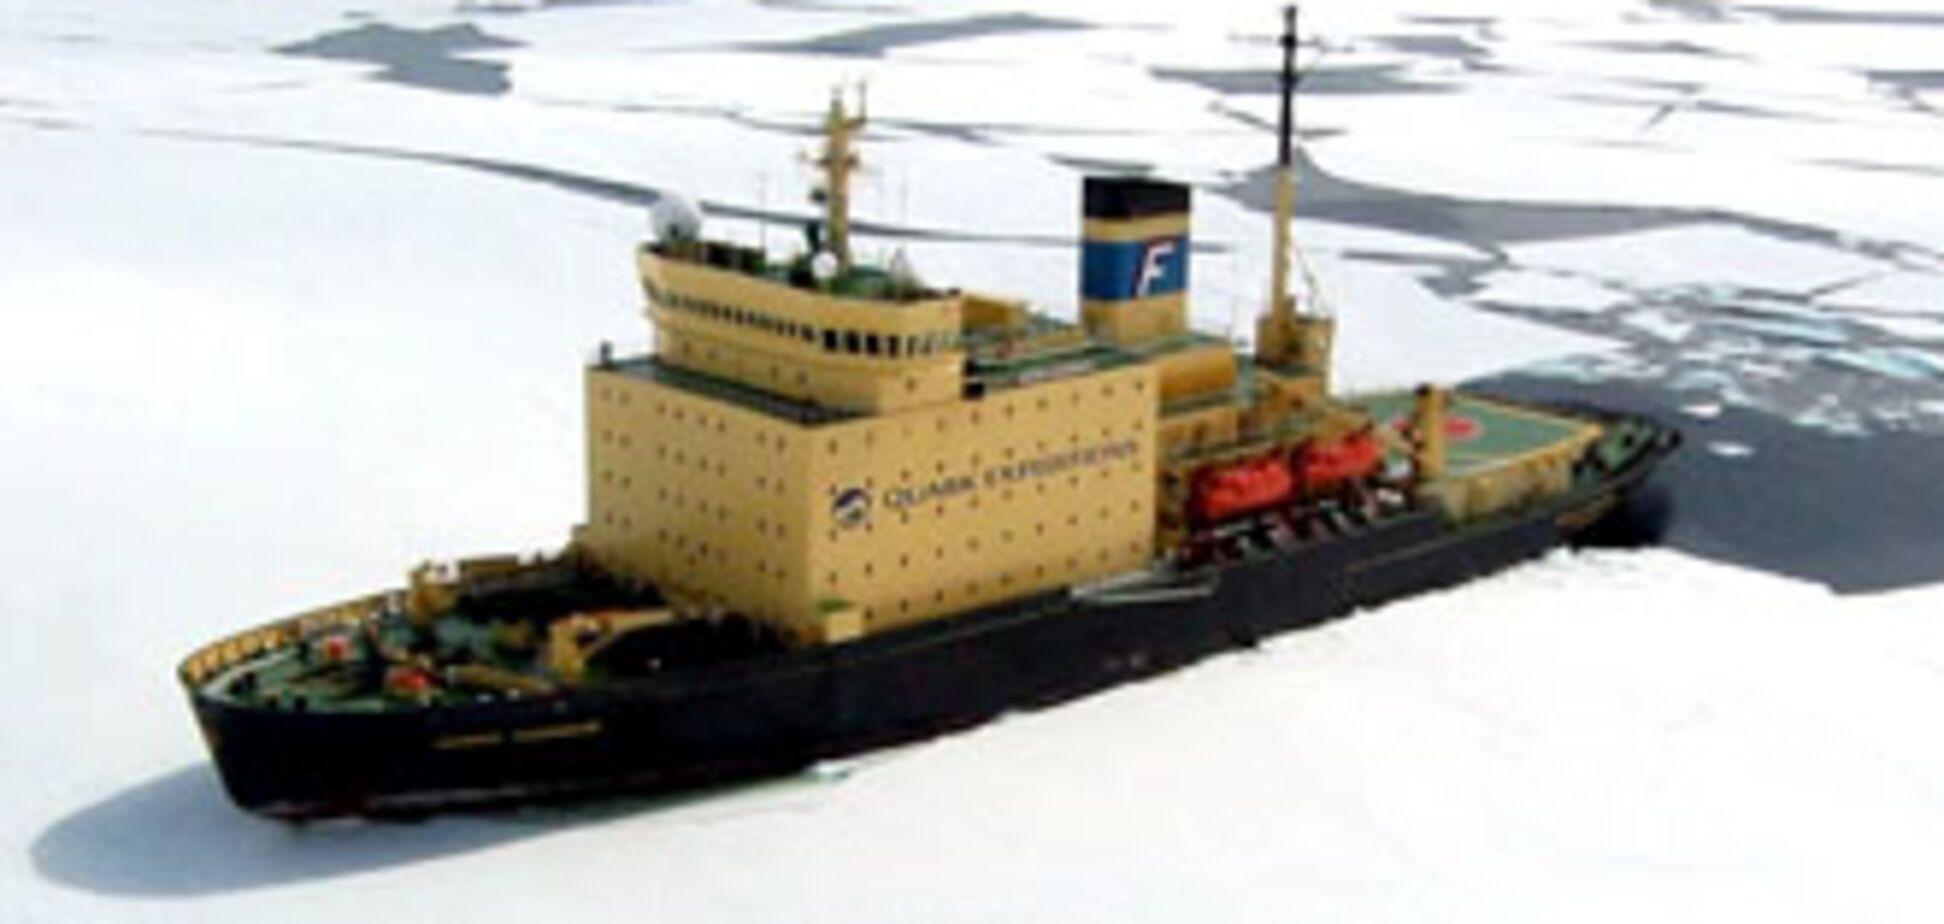 Російський туристичний лайнер бореться з льодом (ФОТО)